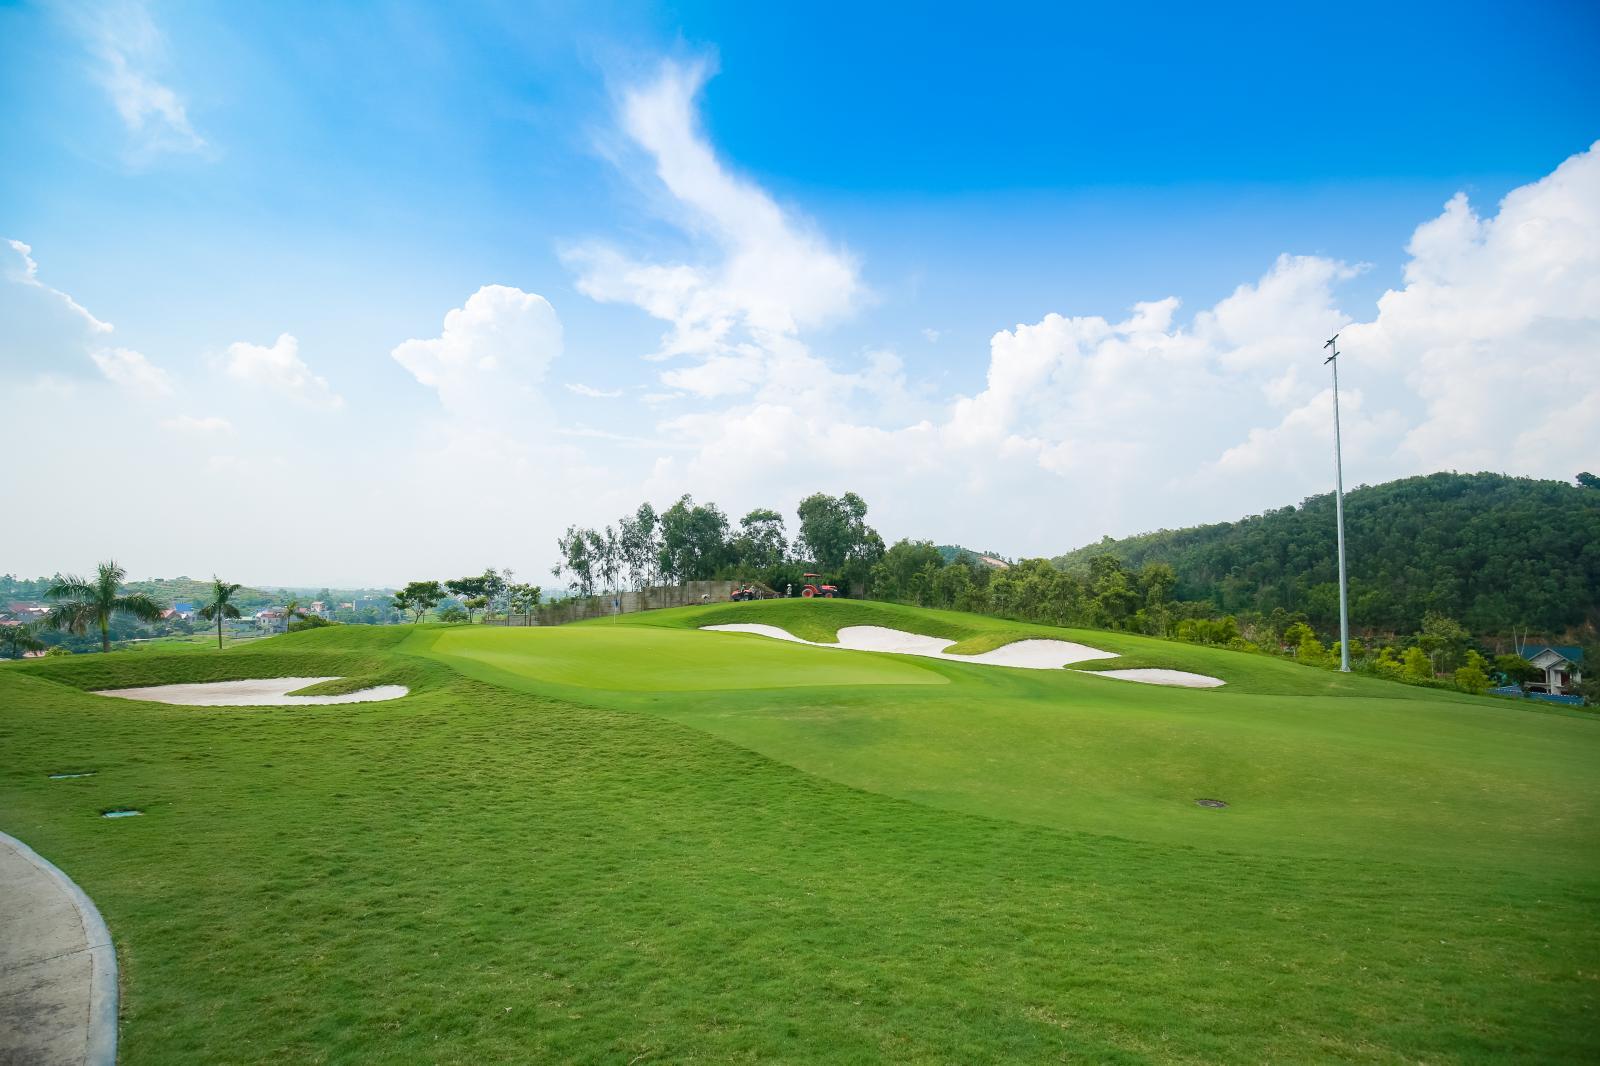 Sân golf xanh rộng lớn với nhiều cây cối phía xa